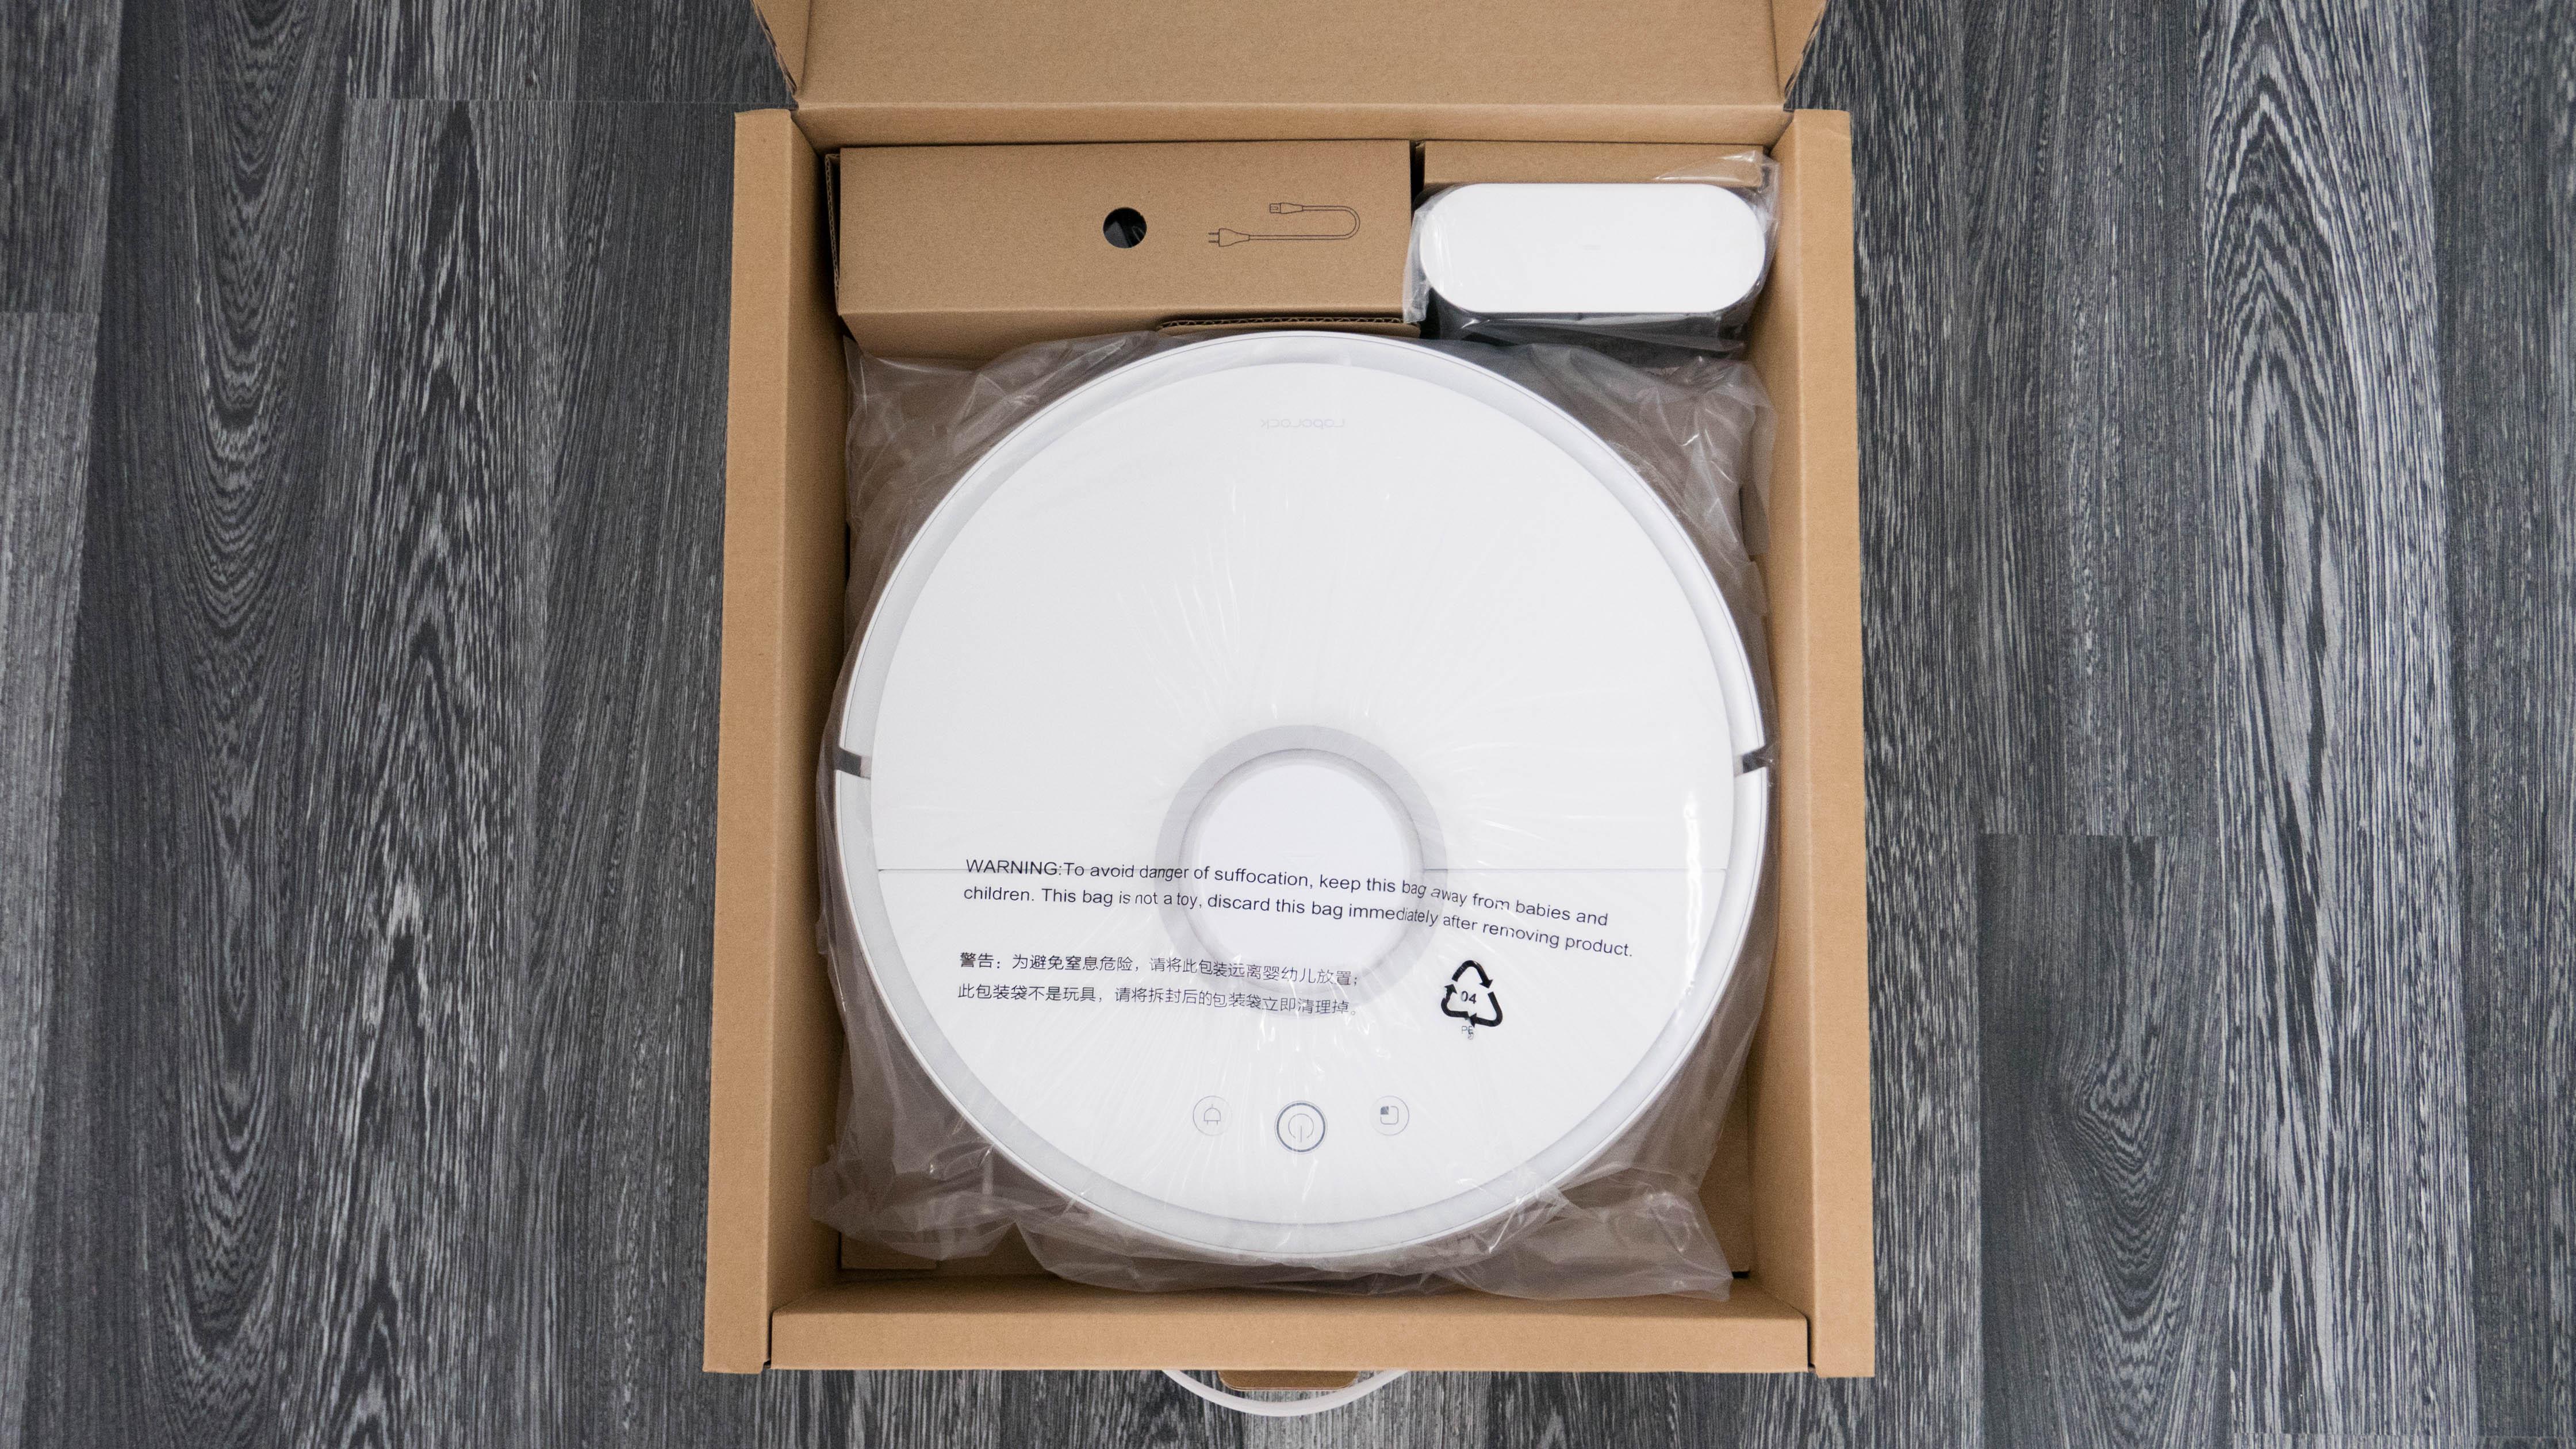 Xiaomi Mi Robot 2 Auspacken 6